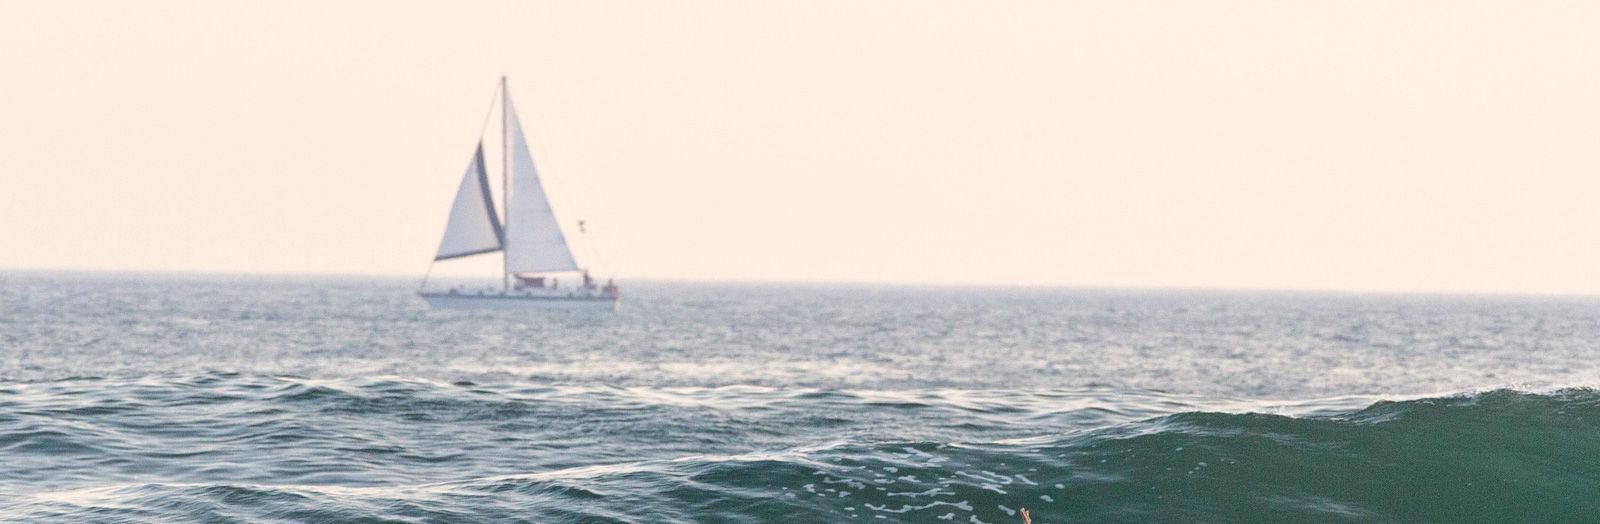 Playa-Madera-e1445896334977